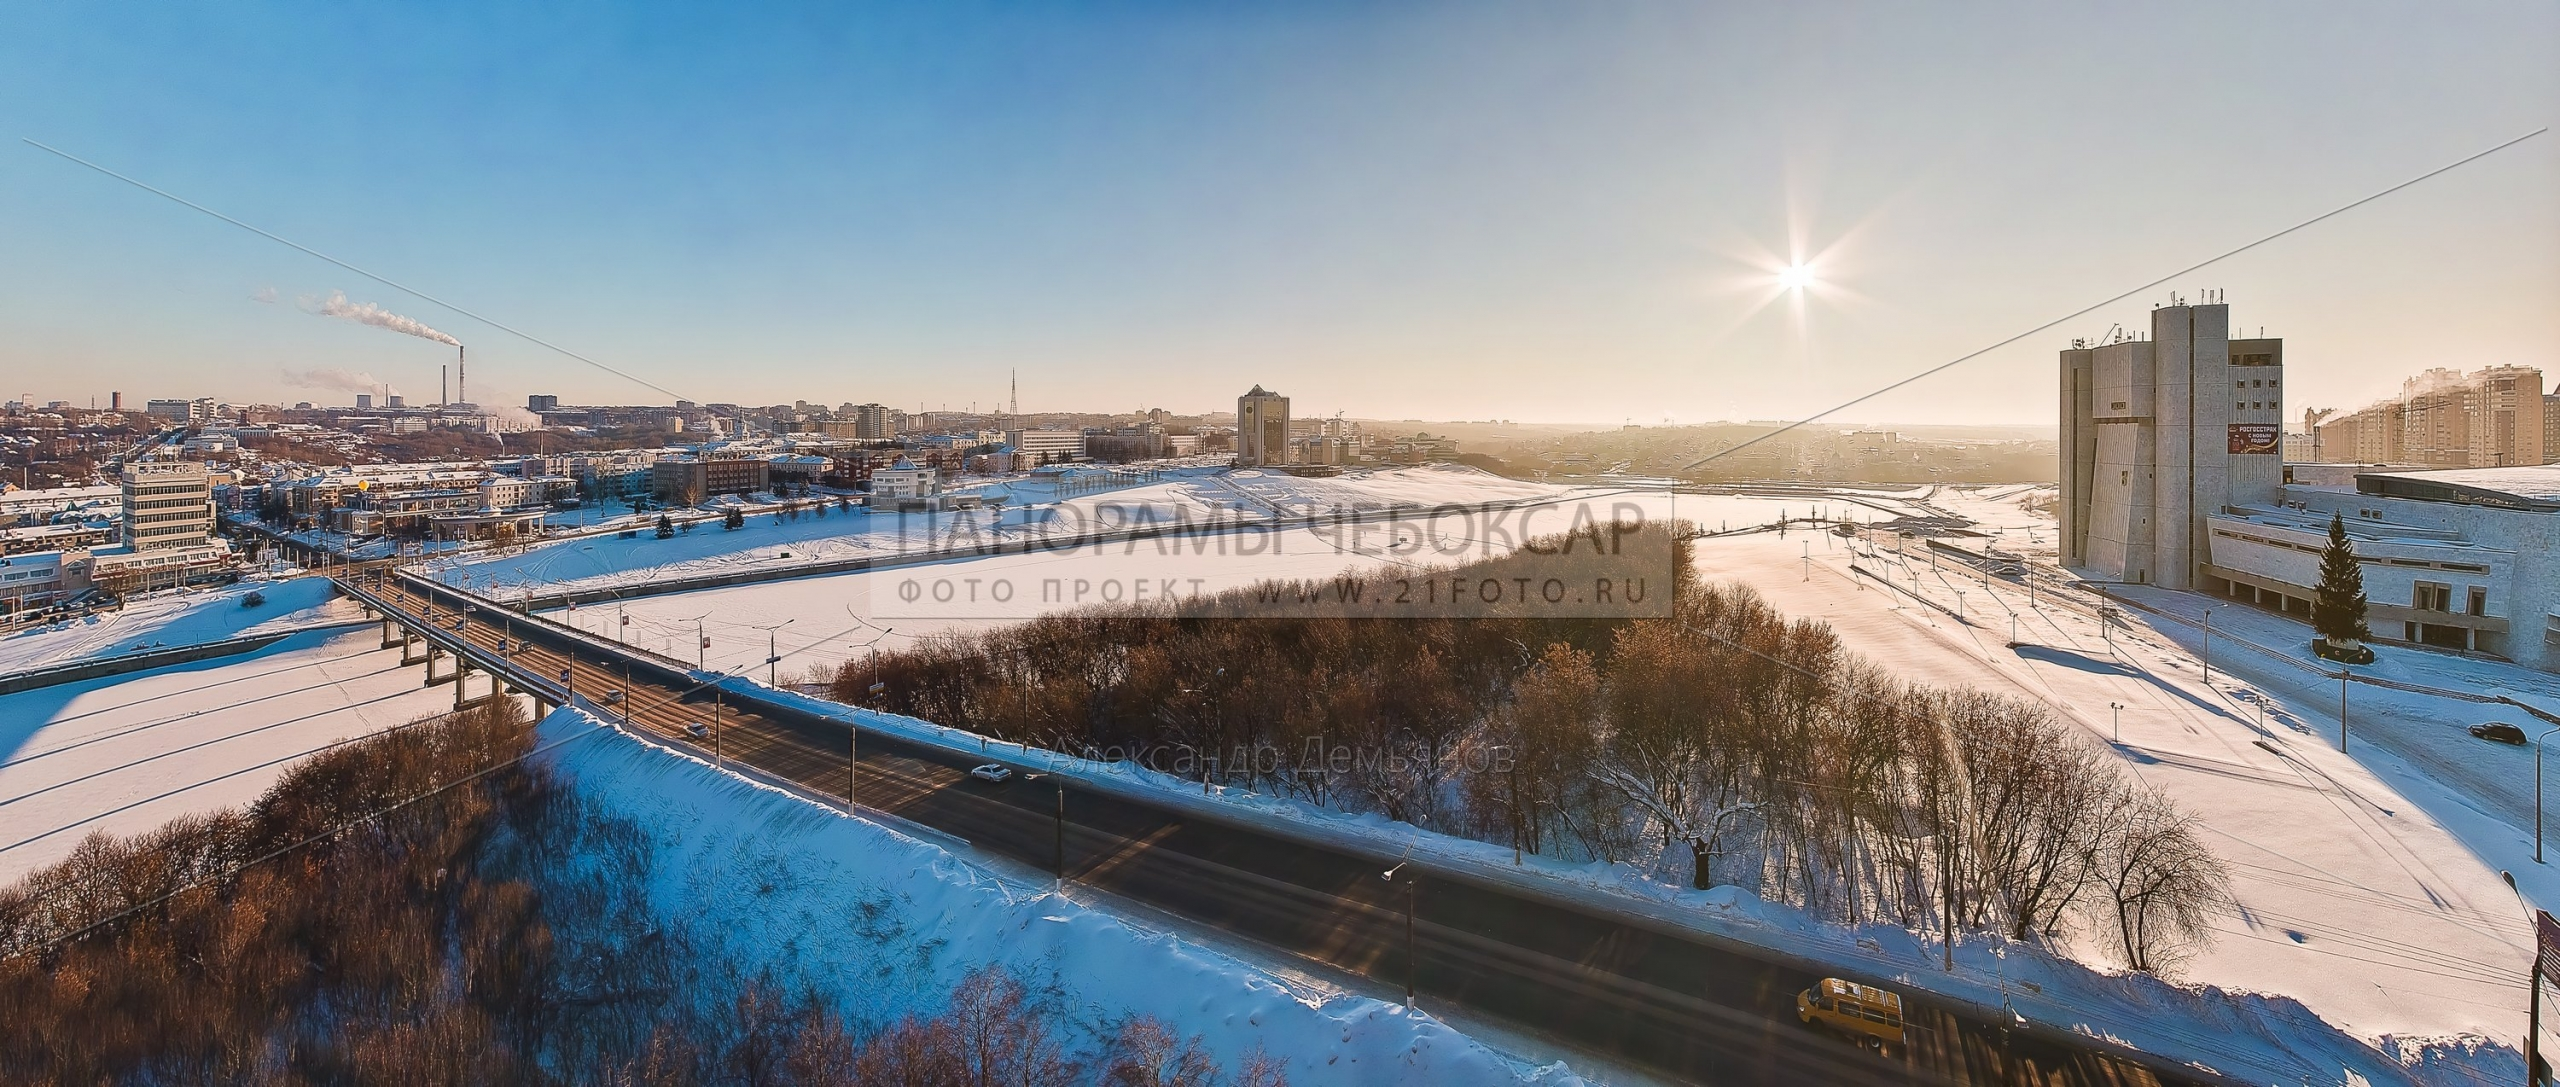 Фото-панорама Чебоксарского Залива Зимой, вид на театр оперы и балета и дом правительства